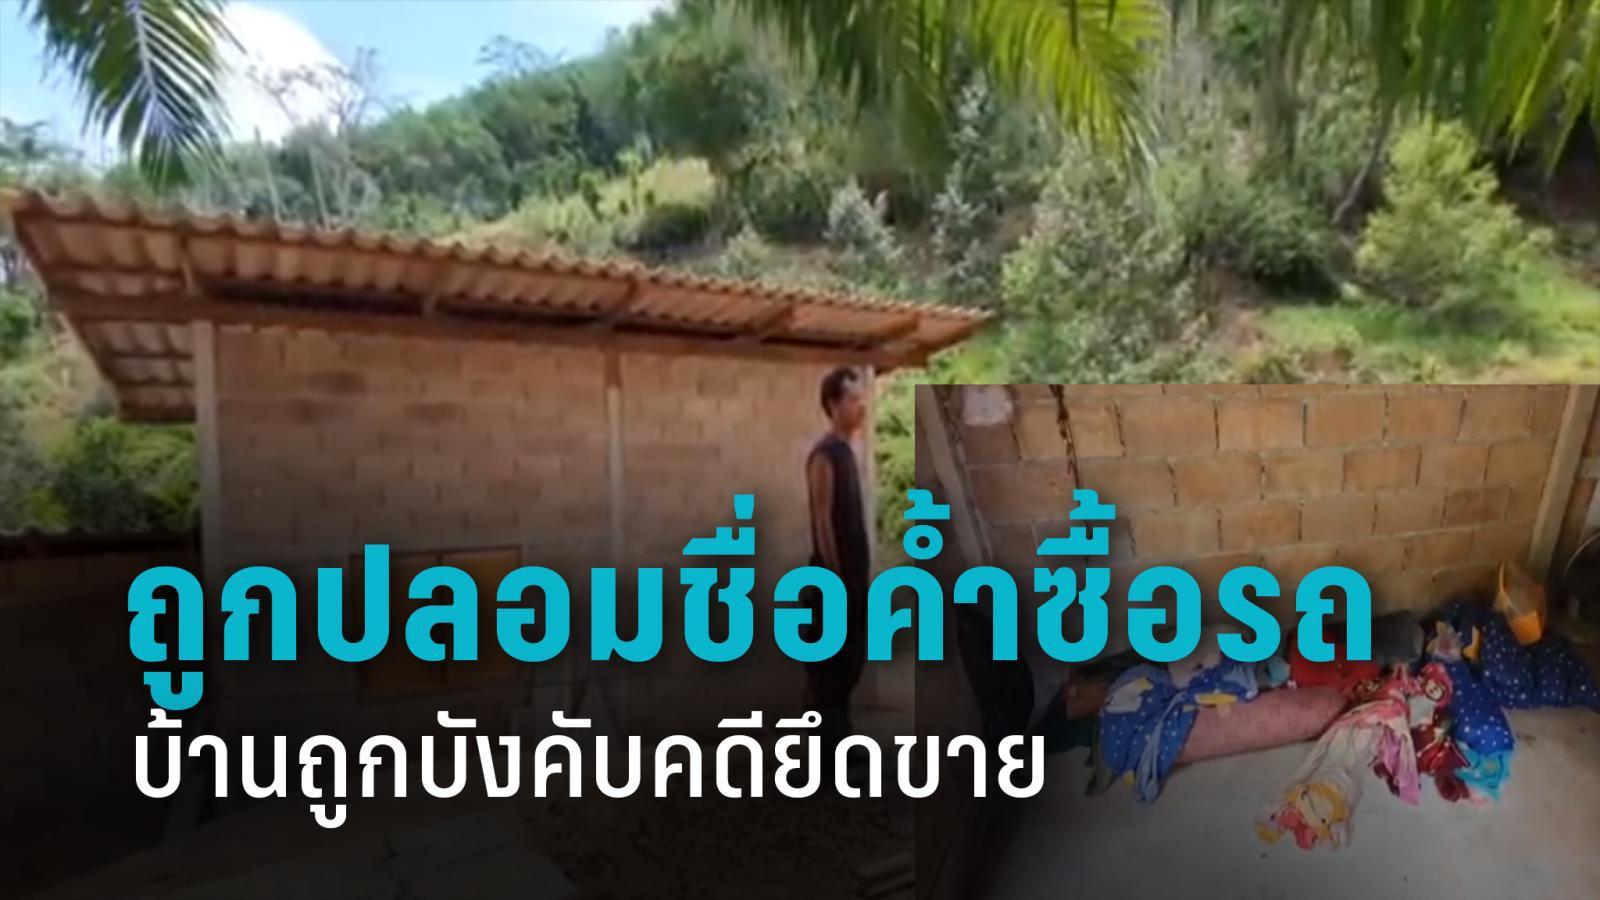 ครอบครัวยากจน บ้านถูกยึด หนูน้อยวัย 9 ขวบชวนพ่อ-พี่ ฆ่าตัวตาย หวังเกิดใหม่มีชีวิตที่ดีขึ้น